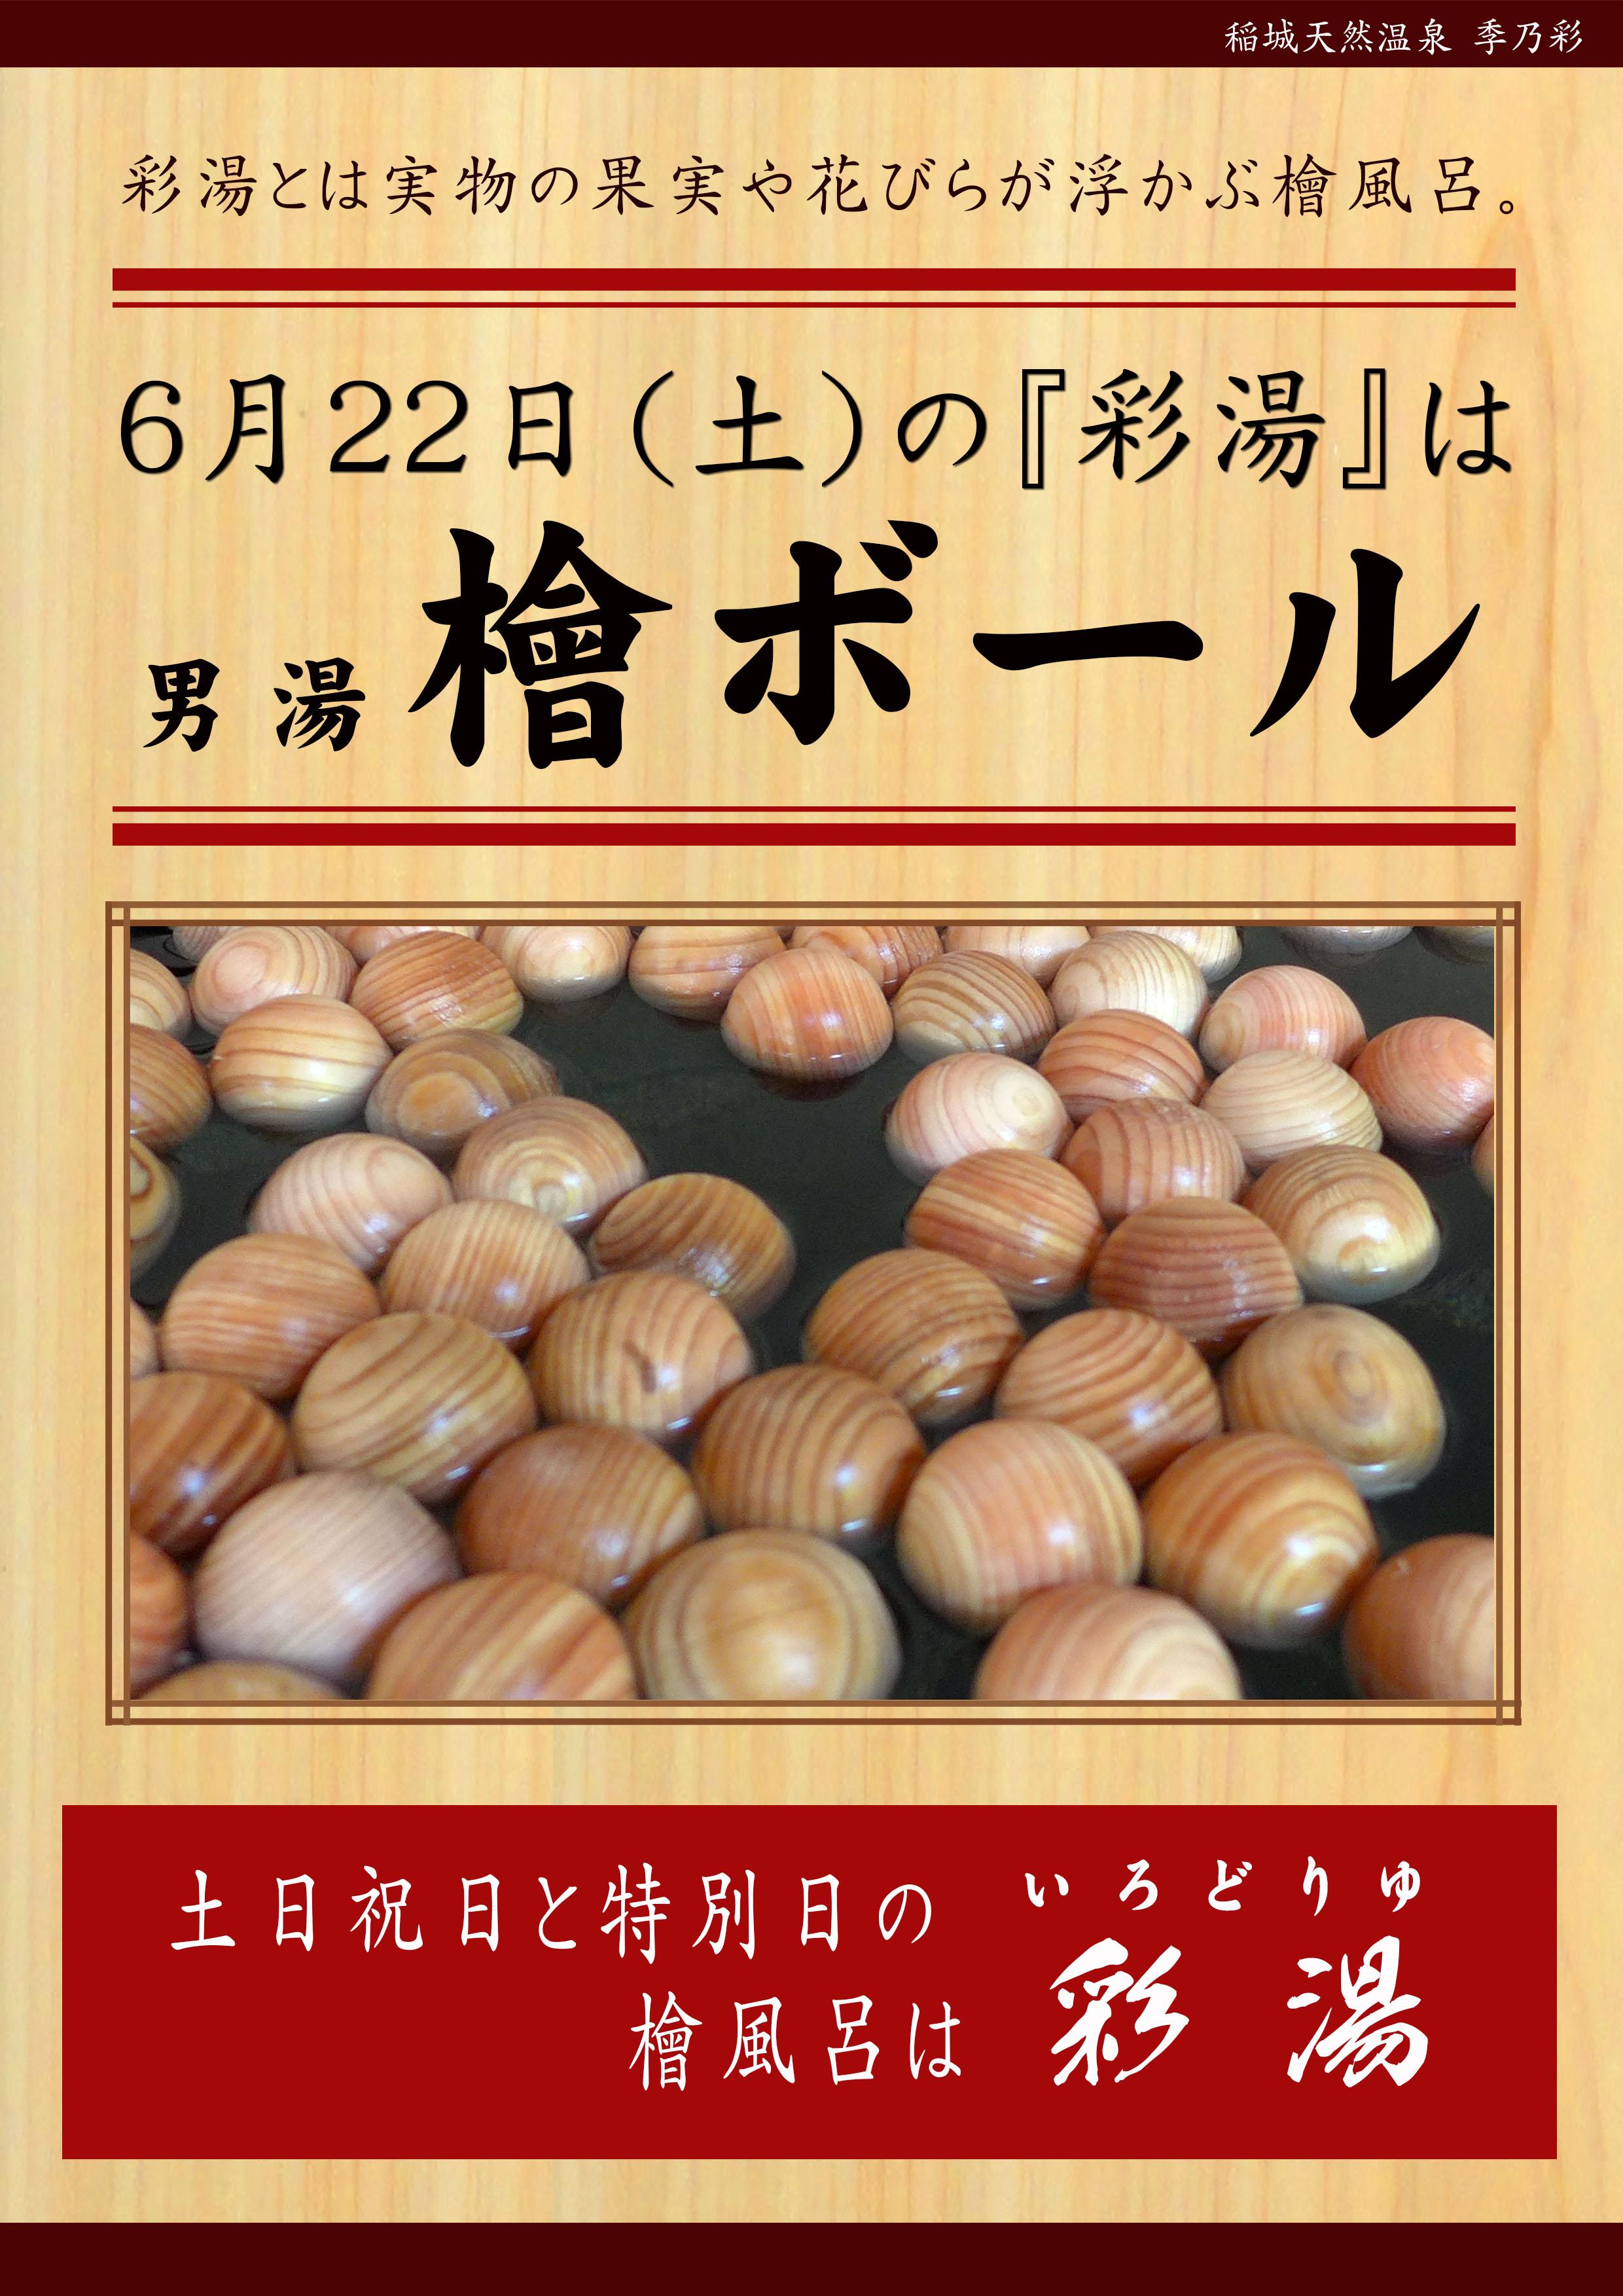 190622 イベント 彩湯 男湯 檜ボール190622